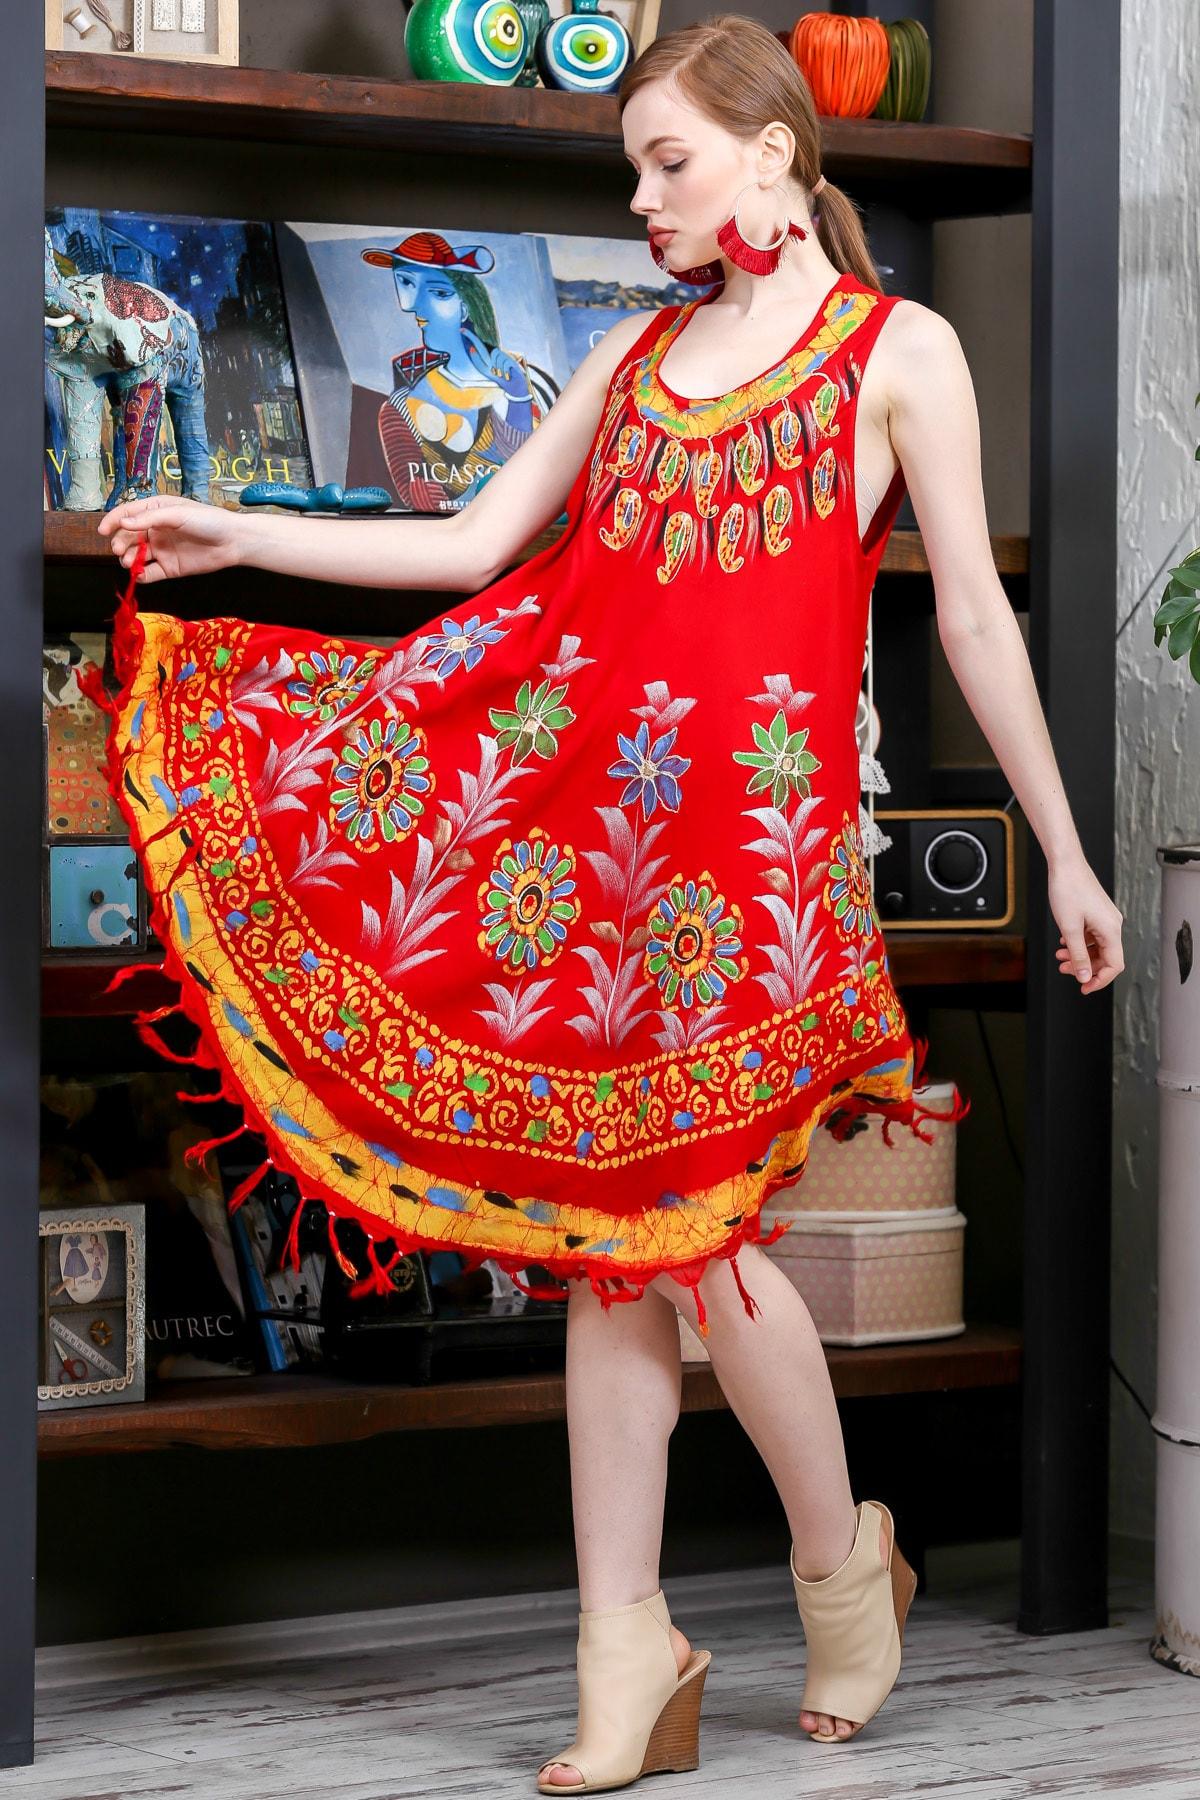 Chiccy Kadın Kiremit Batik Yakası Ve Etek Ucu Çiçek Desenli Salaş Dokuma Elbise M10160000EL95137 2